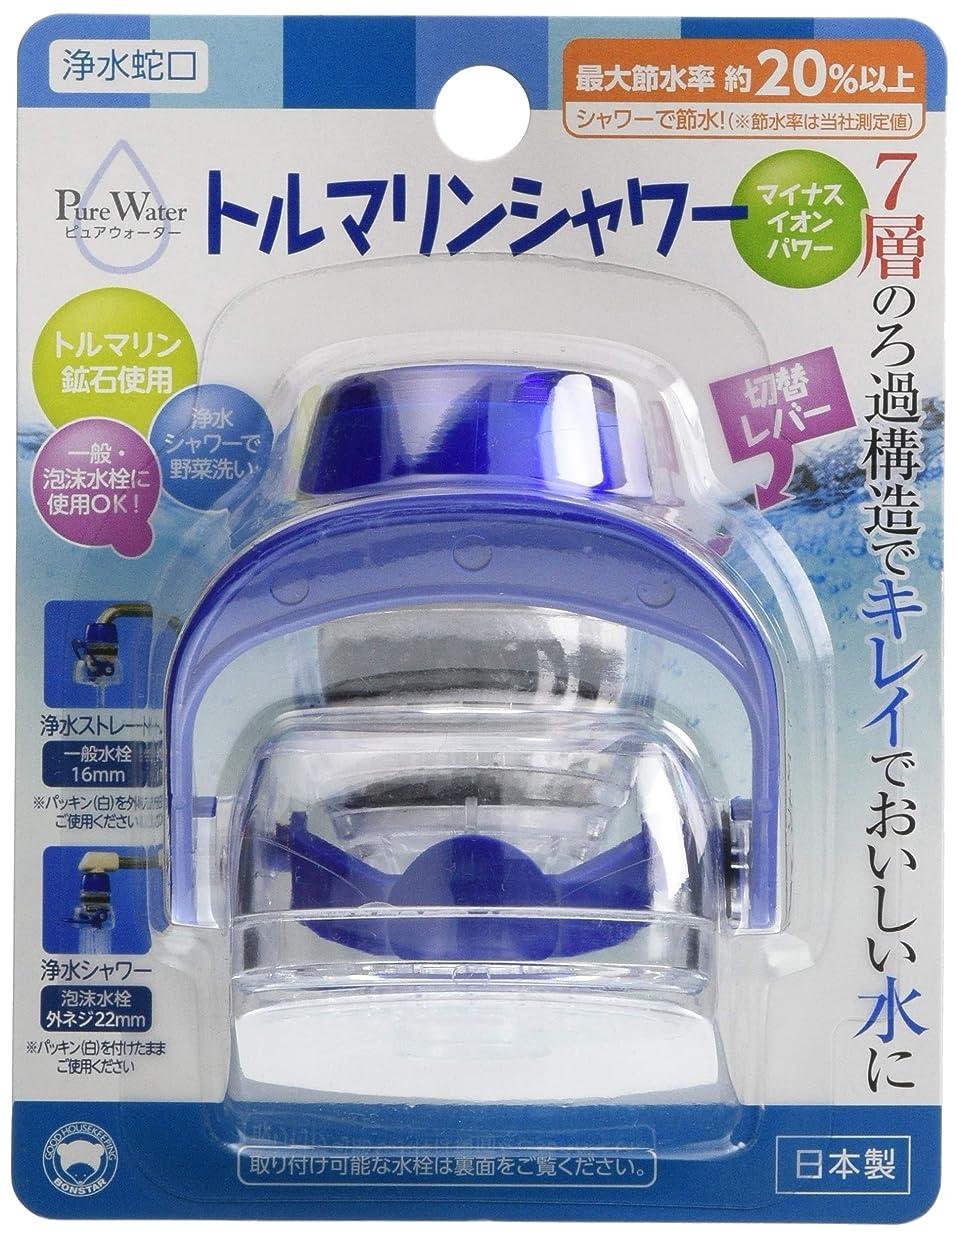 赤道剃る国民ボンスター 蛇口シャワー 日本製 浄水蛇口トルマリンシャワー J-063